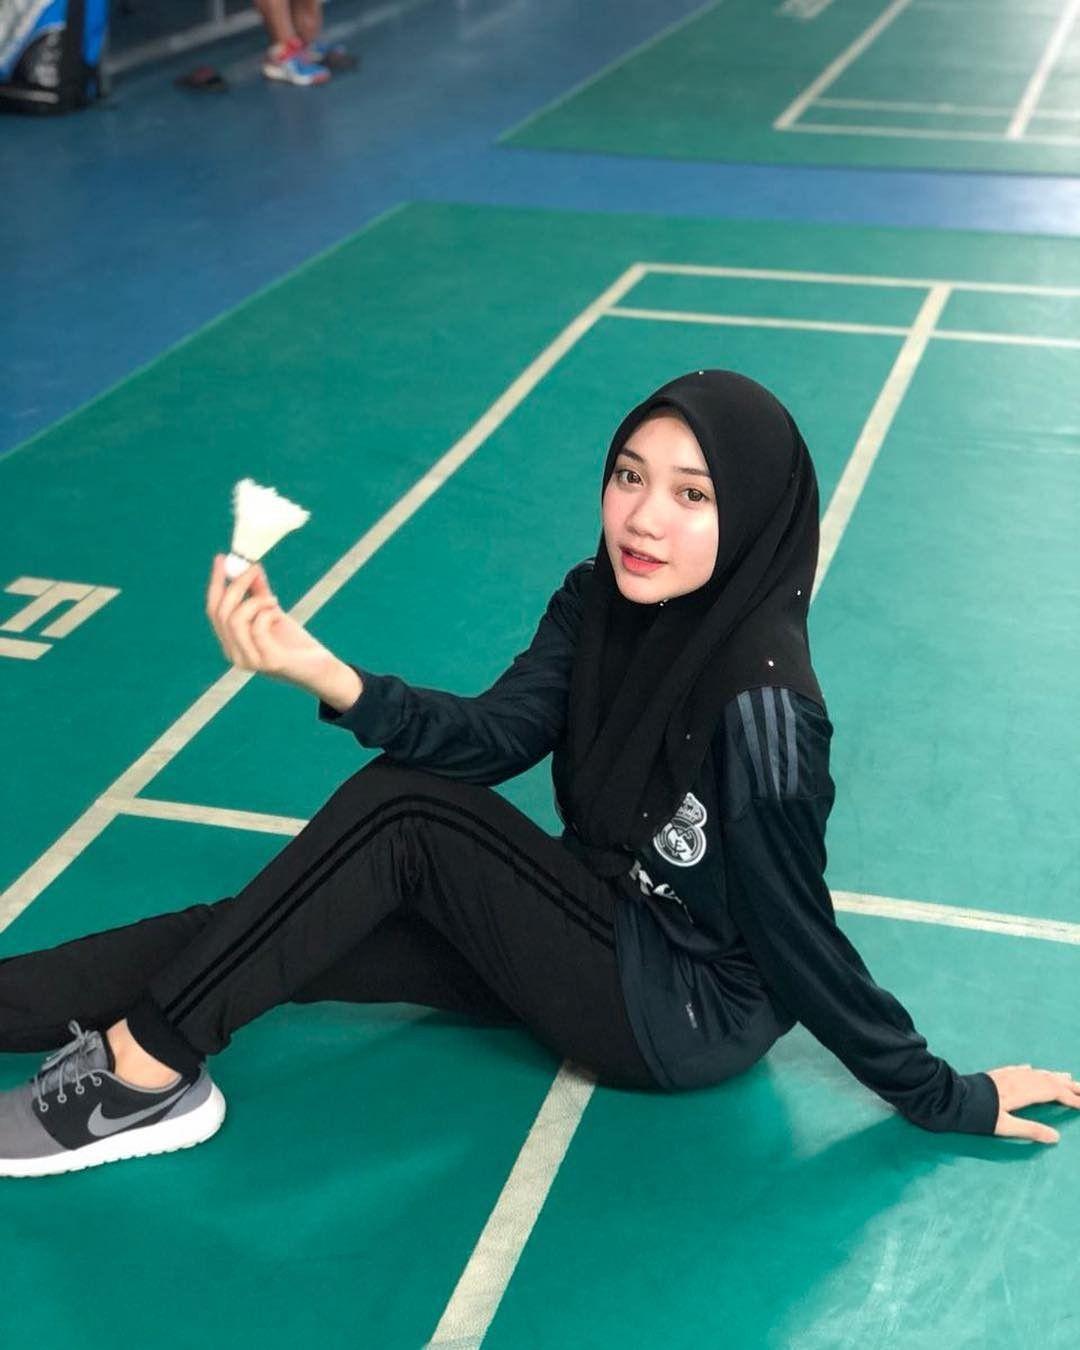 Pin On Malaysian Hot Girl